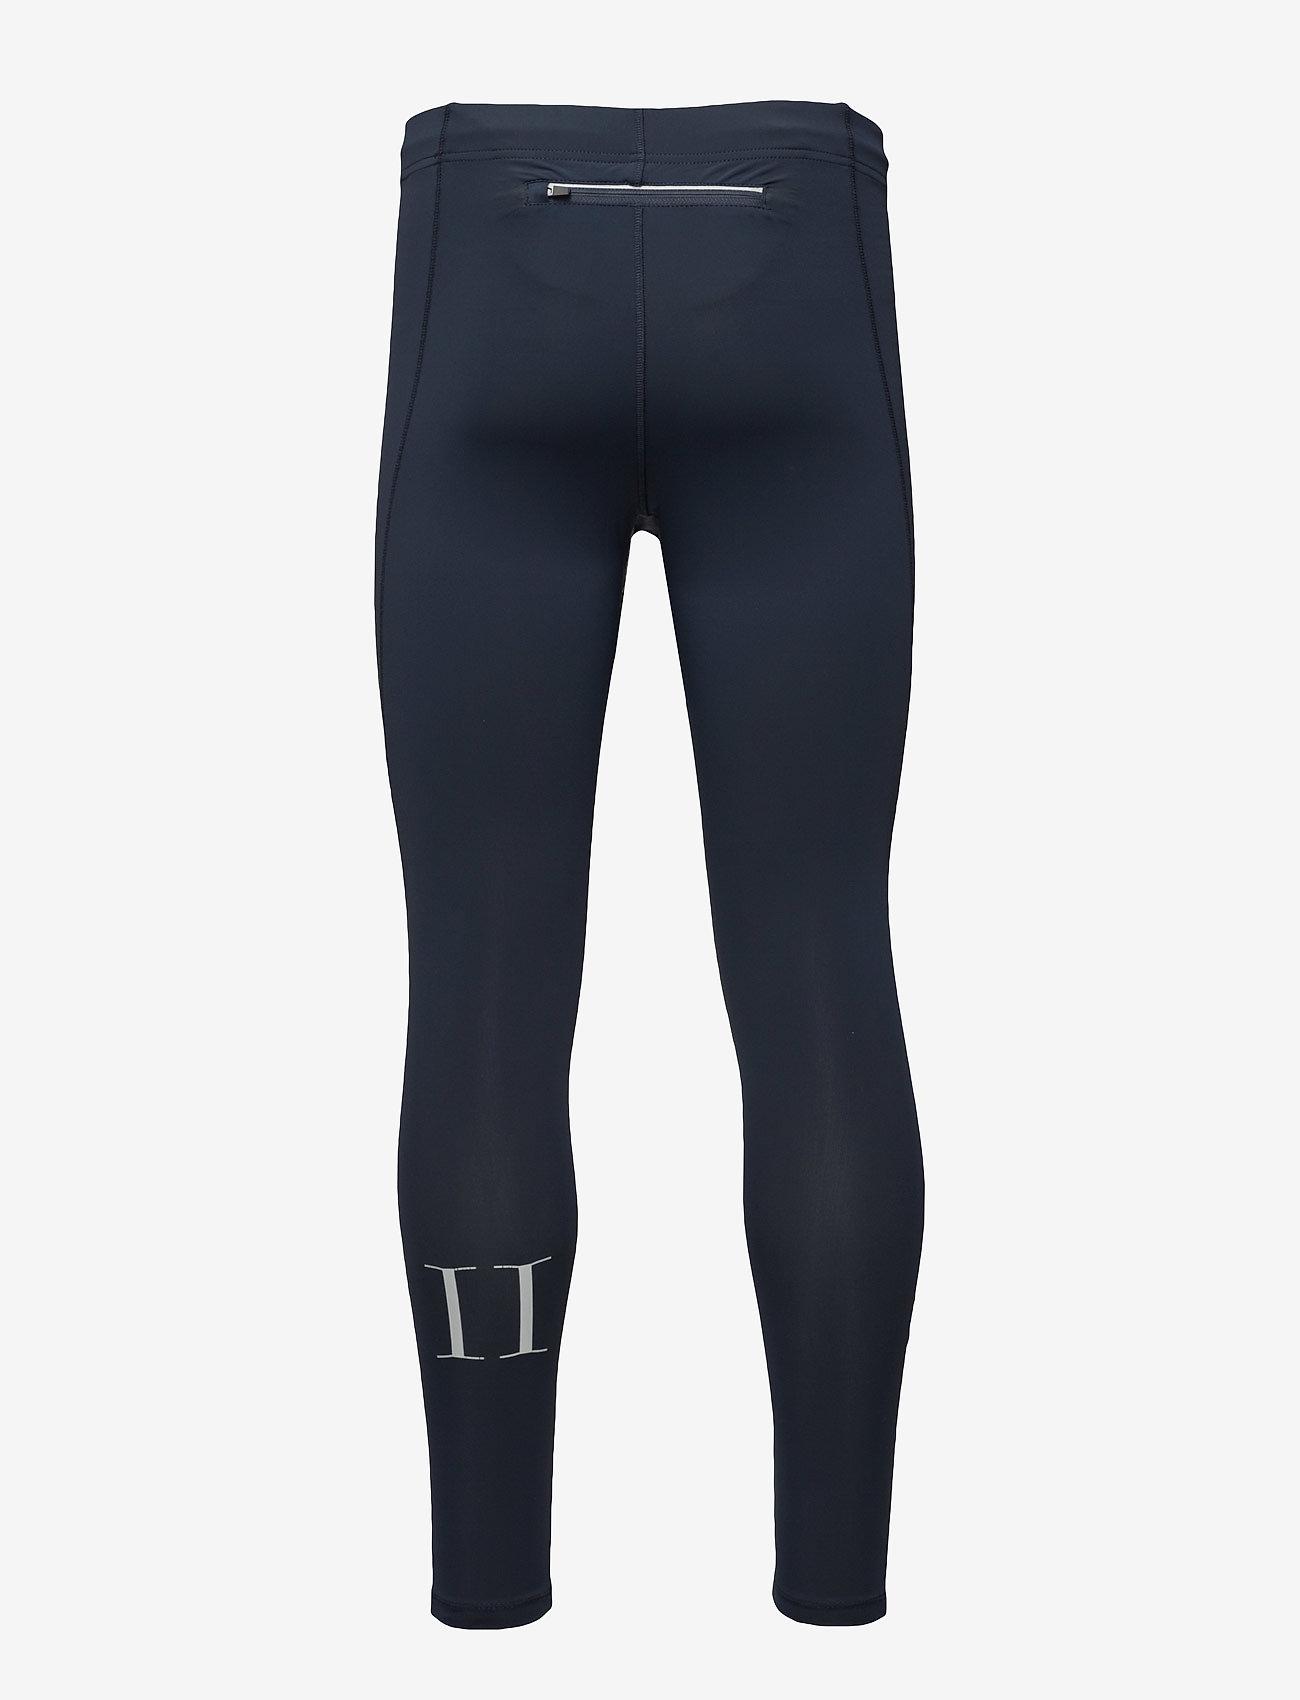 Les Deux - Men's Long Tight Sogndal - running & training tights - midnight navy - 1